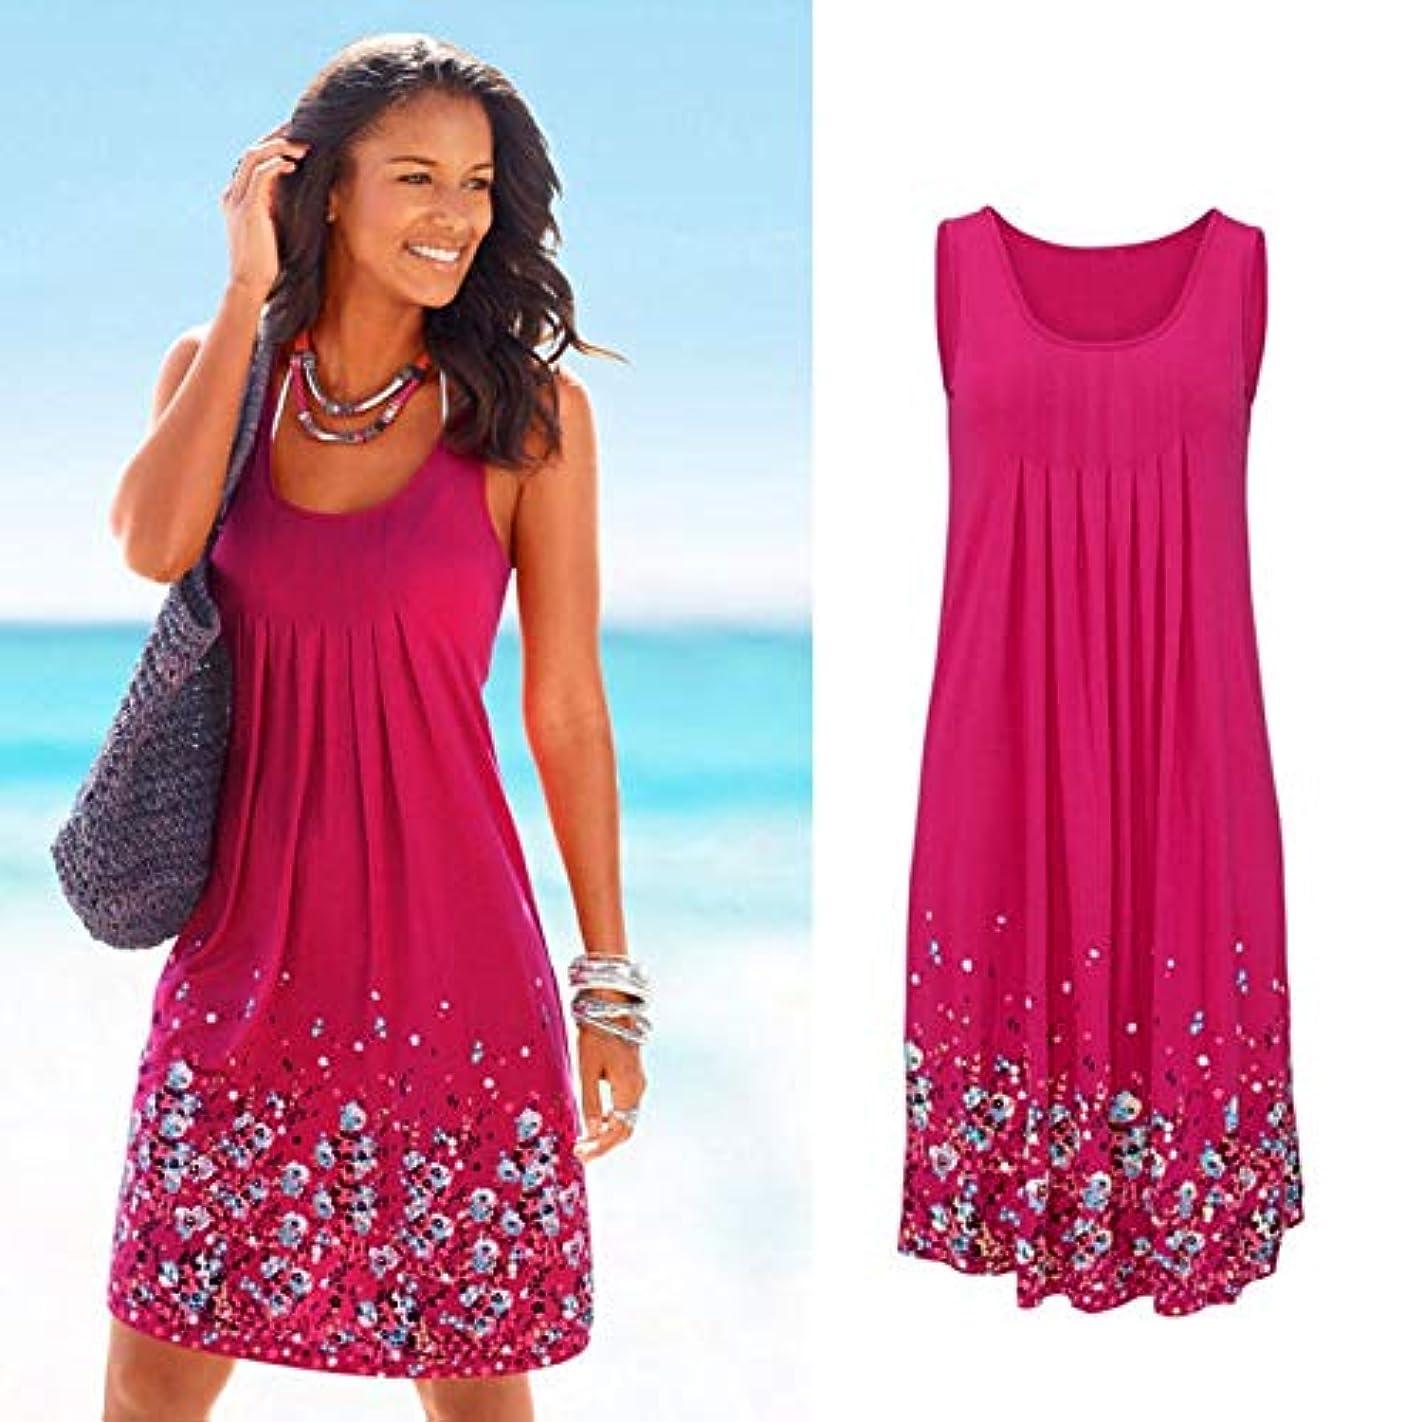 レギュラー与えるからMaxcrestas - ノースリーブ花柄を印刷ルースドレスファッション六色カジュアルの女性のドレスローブファムエテ2018セクシーなドレスプラスサイズ